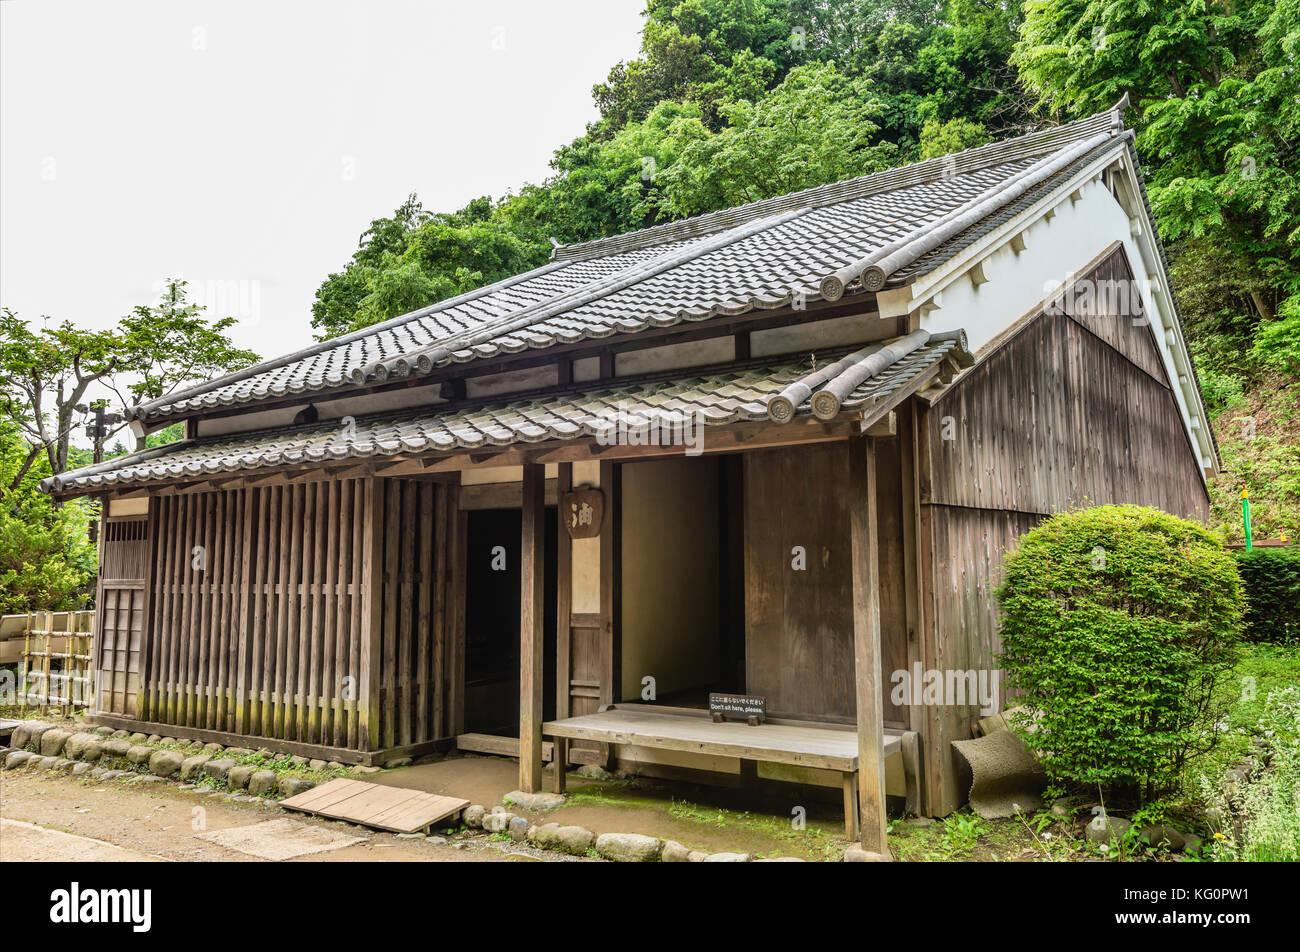 Ioka Chambre A Nihon Minkaen Folk House Museum Kawasaki Kanagawa